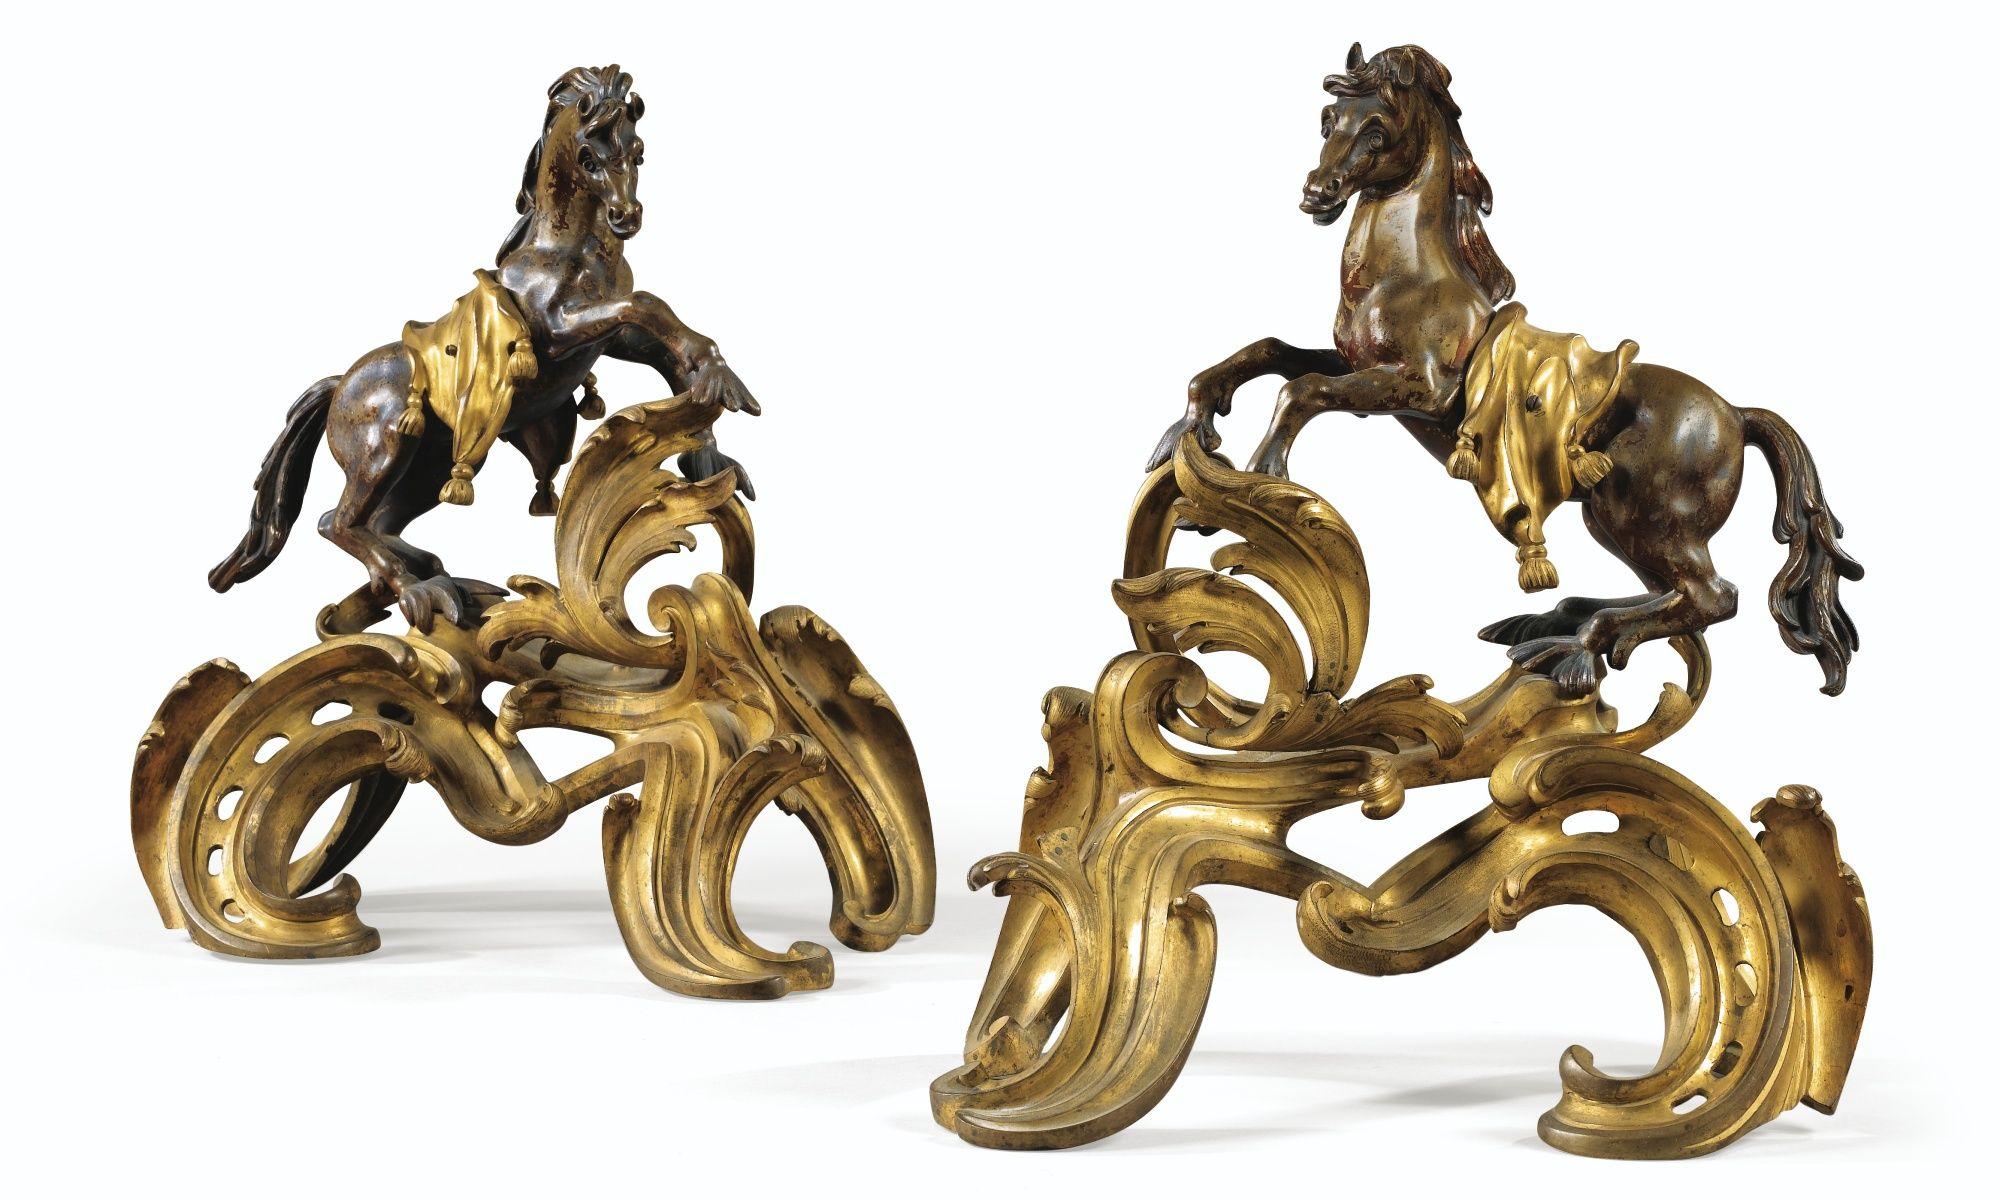 Paire de chenets aux chevaux marins en bronze laqué et doré d'époque Louis XV A PAIR OF GILT AND PATINATED BRONZE FIRE-DOGS, LOUIS XV